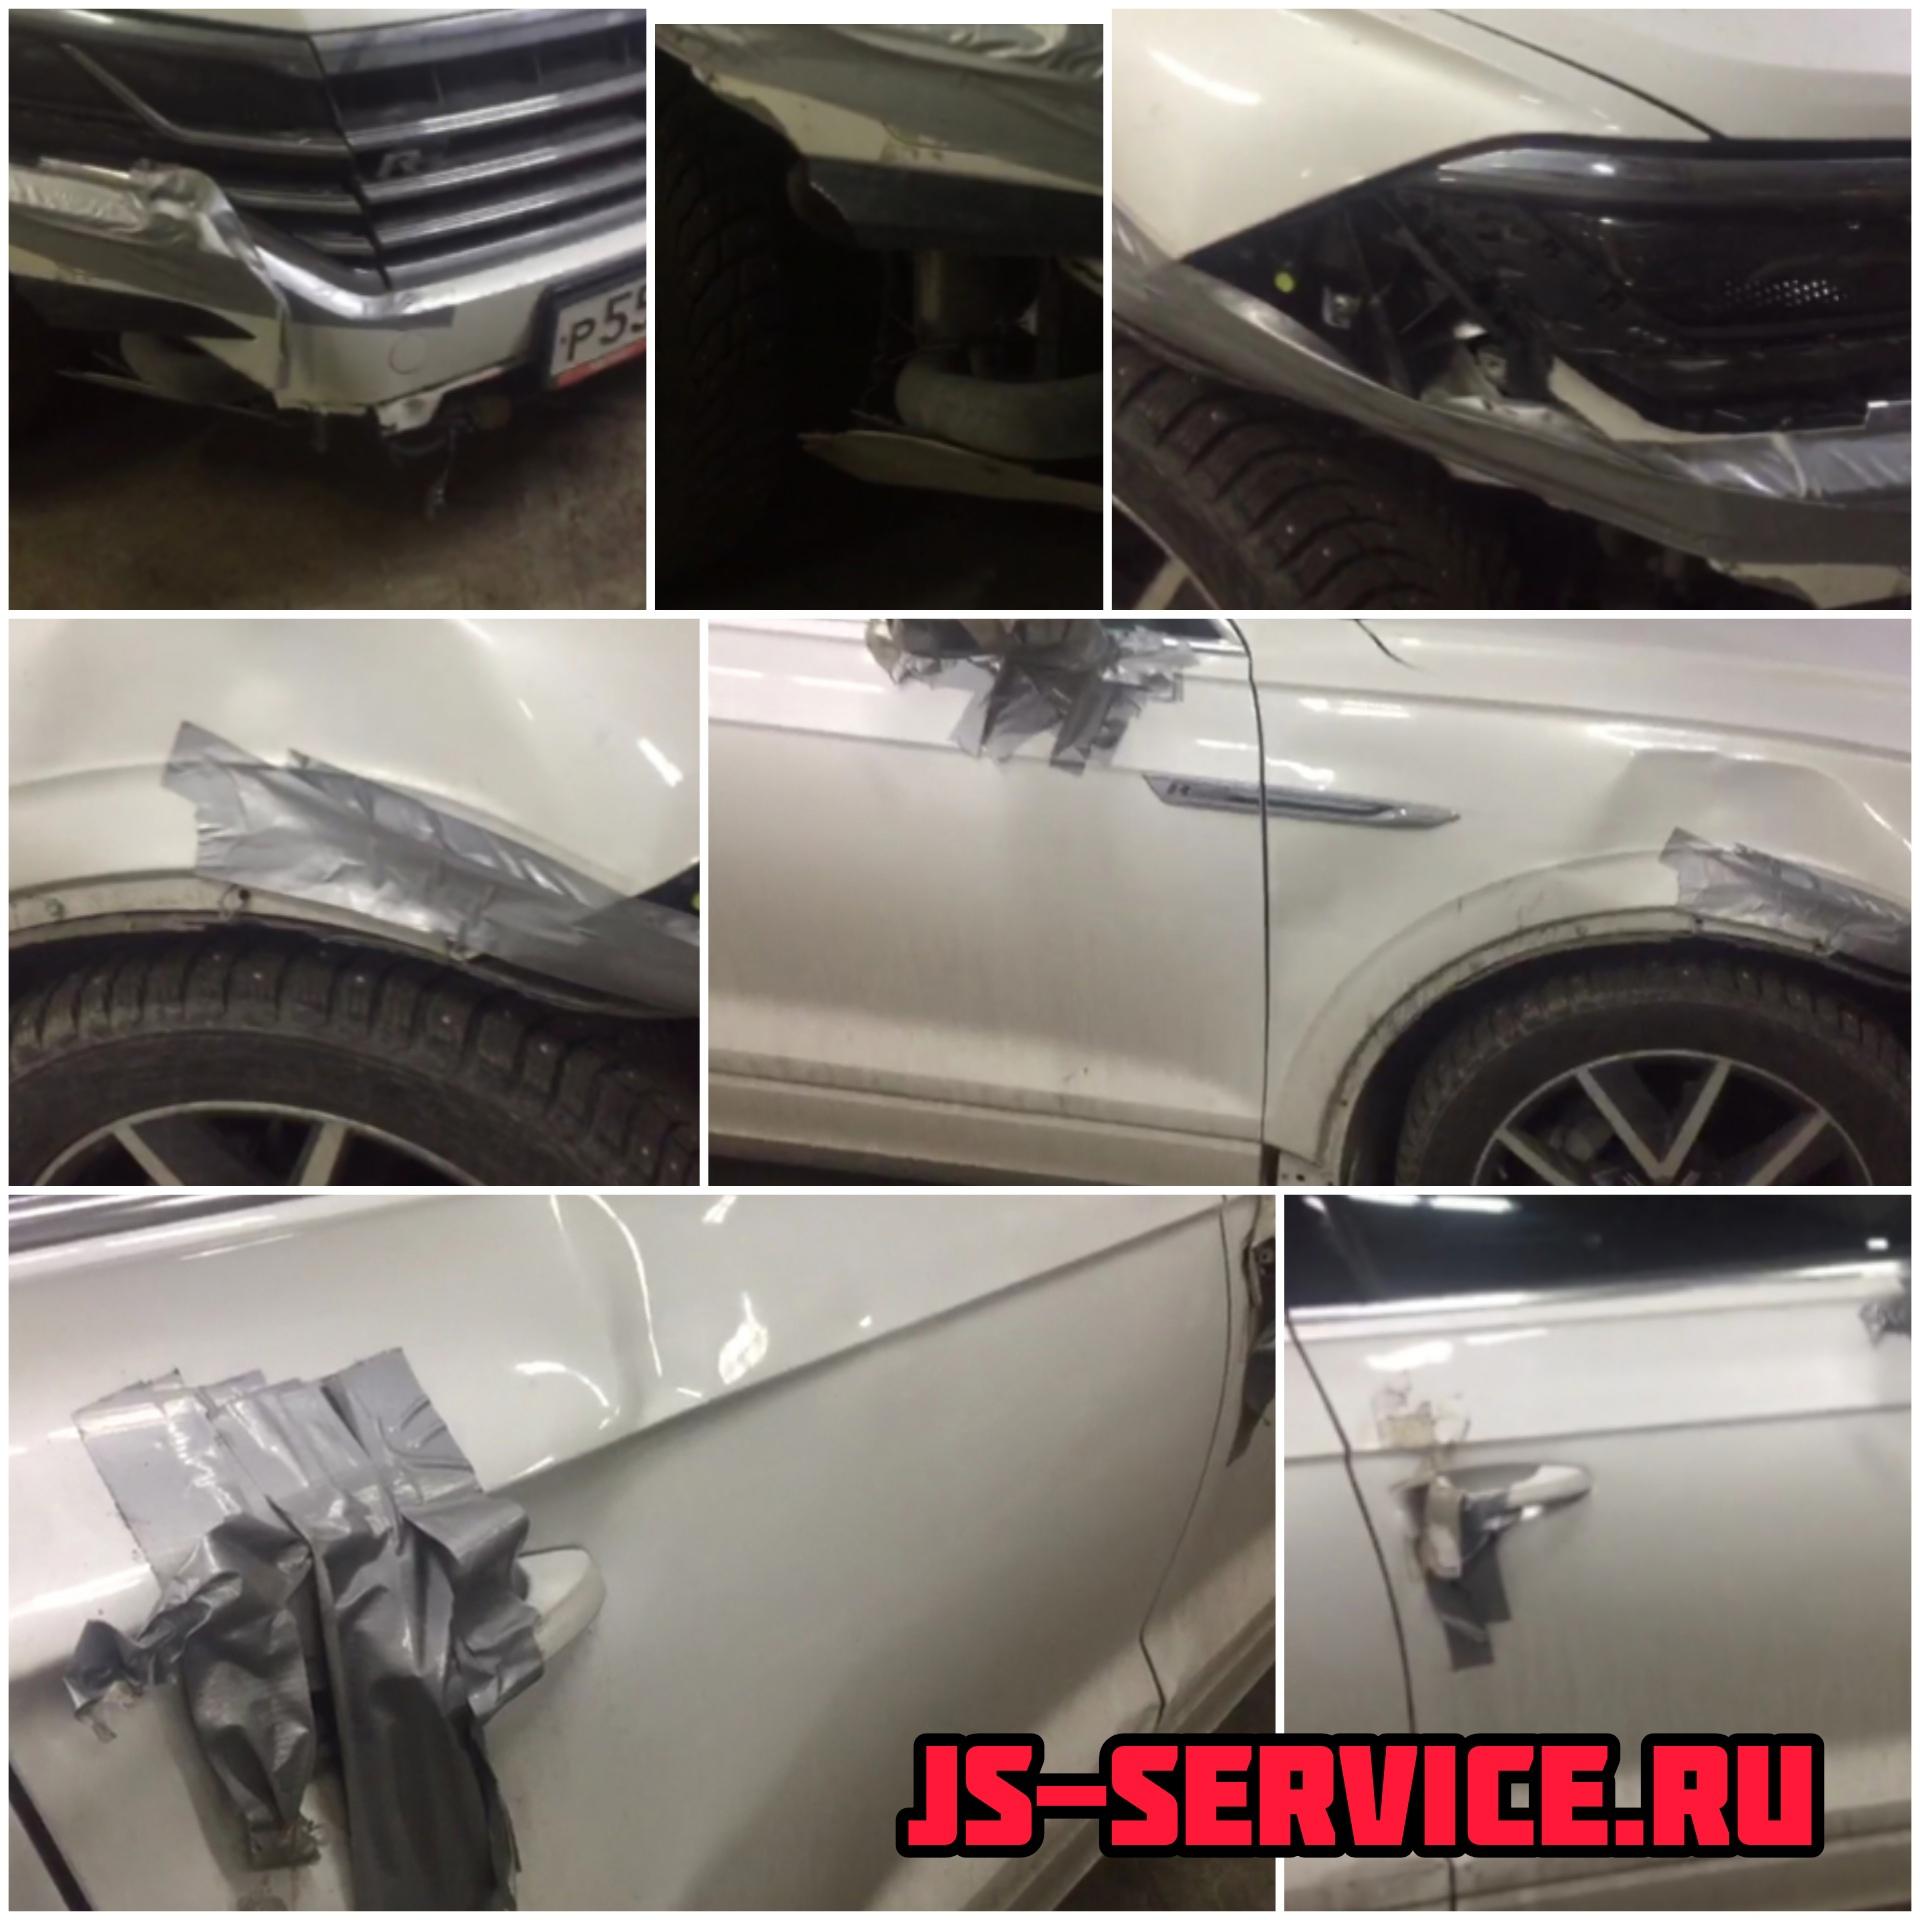 Volkswagen Touareg 2019 кузовной ремонт в филиале Колпино Js-service.ru Колпино, Рабочий переулок дом 3.